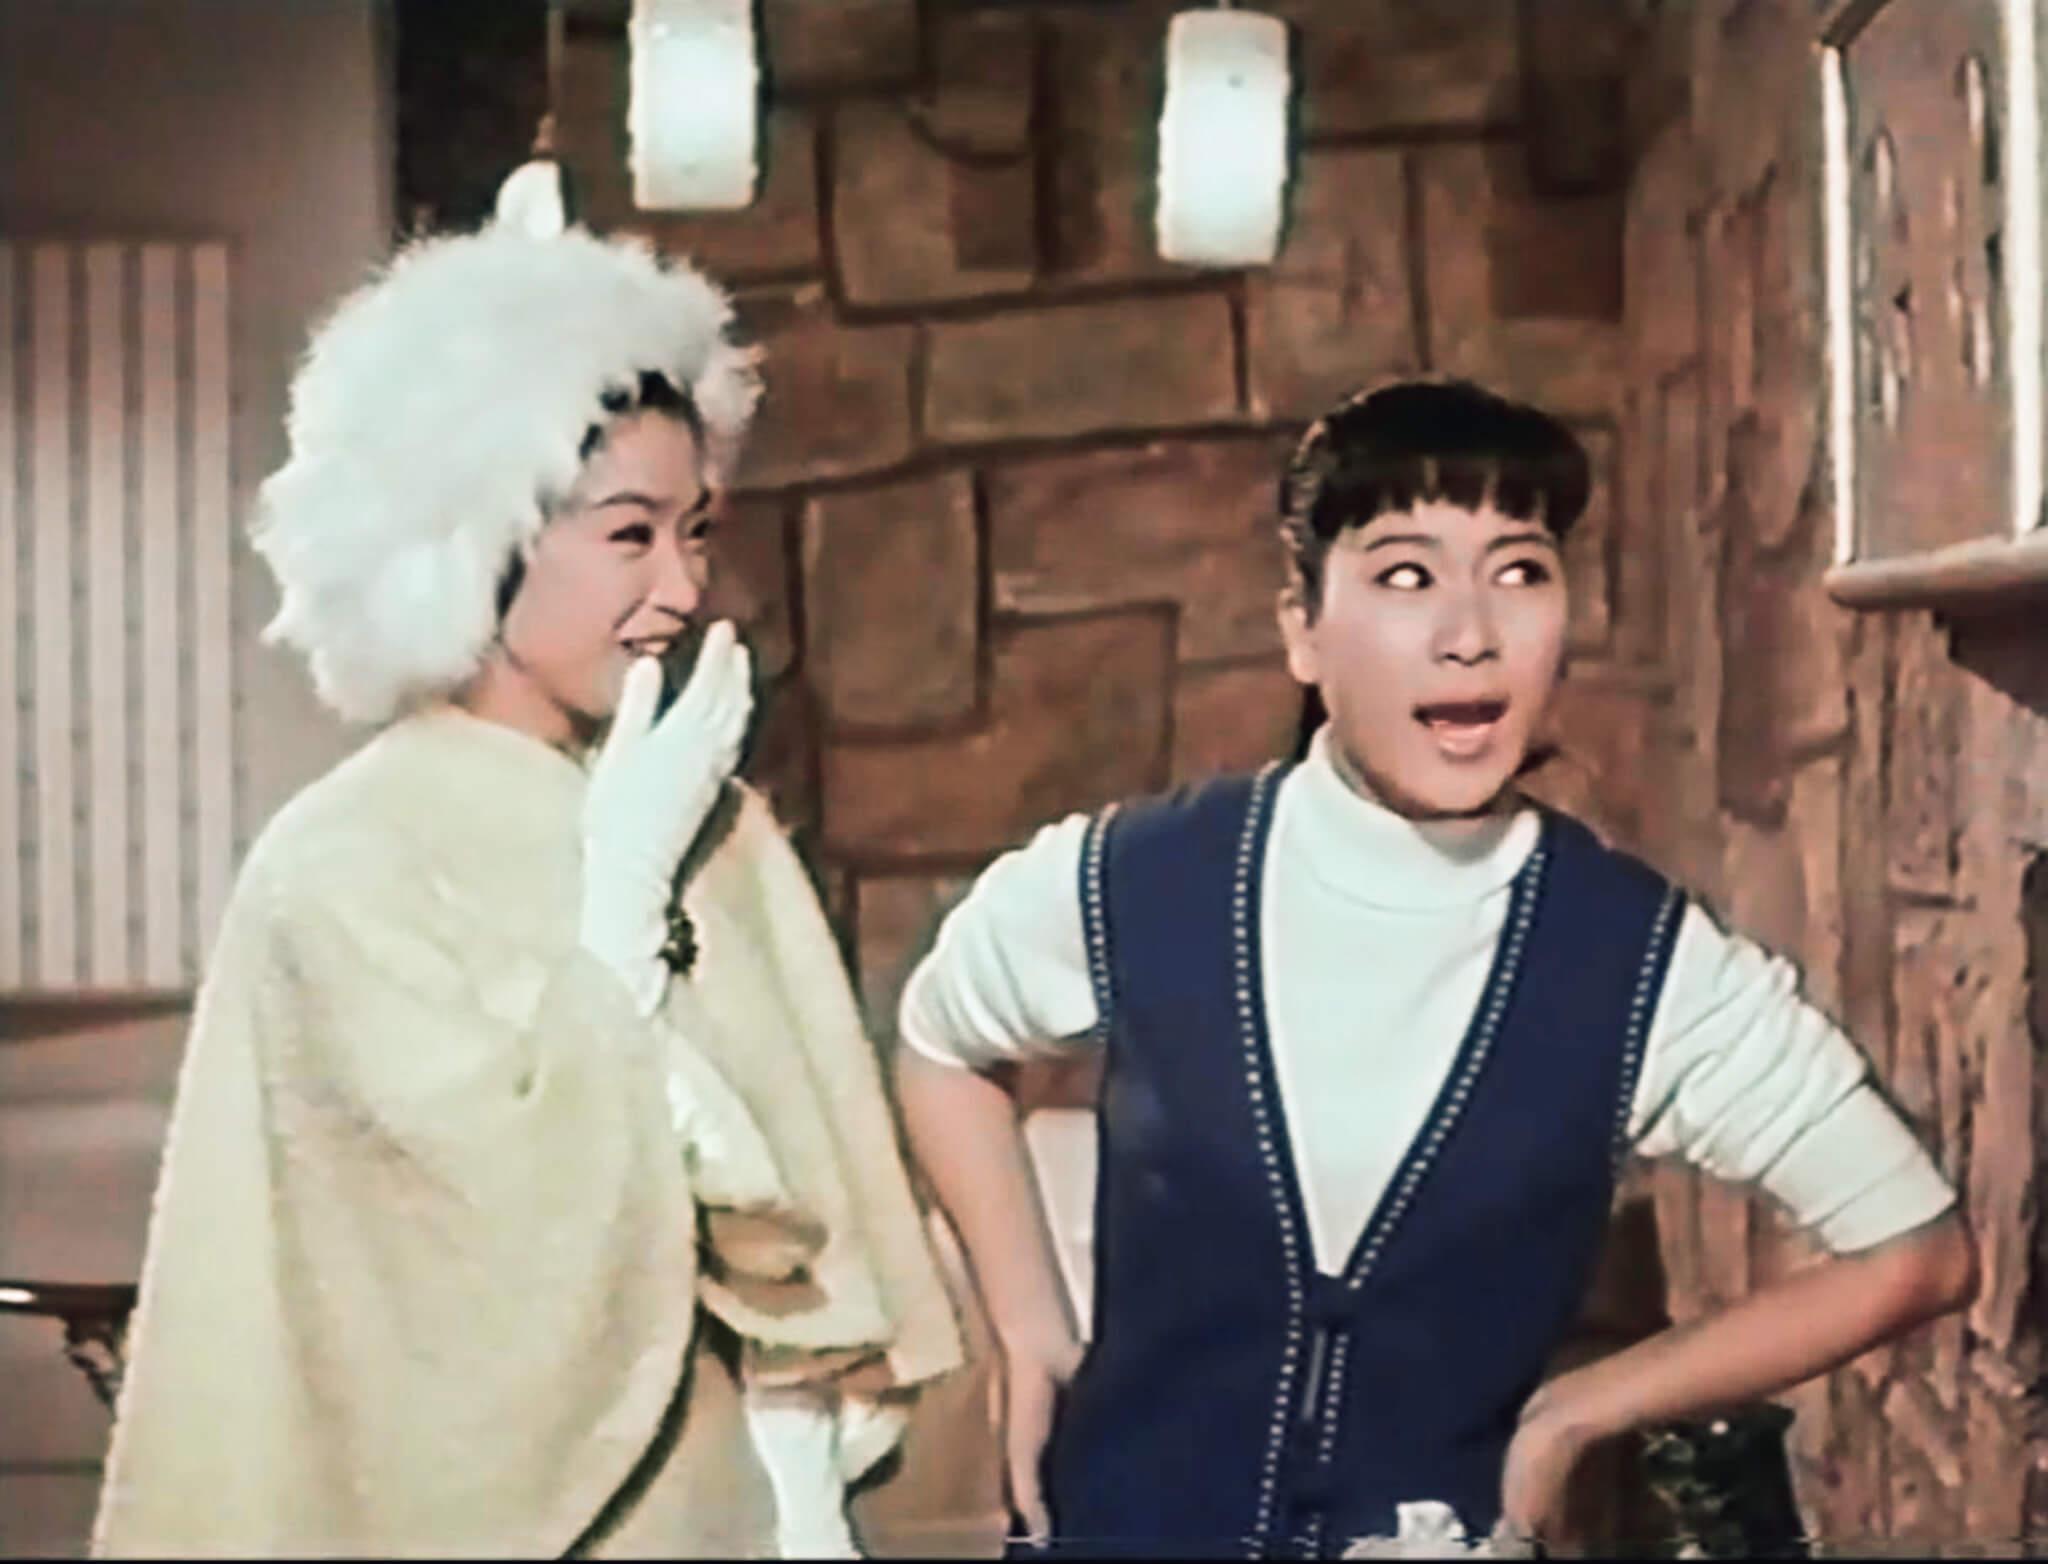 一雙黑玫瑰雖然是A城交際花姊妹,但不難聞到G城蝙蝠俠與羅賓的氣息。南紅貴氣打扮,陳寶珠一身勁裝,二人一唱一和,撲面而來是楚原的戲謔本色。寶珠迷一定愛死玉女也有俏皮一面,但真要讓她盡情耍樂,還要兩年後才等到《玉女添丁》(1968)。